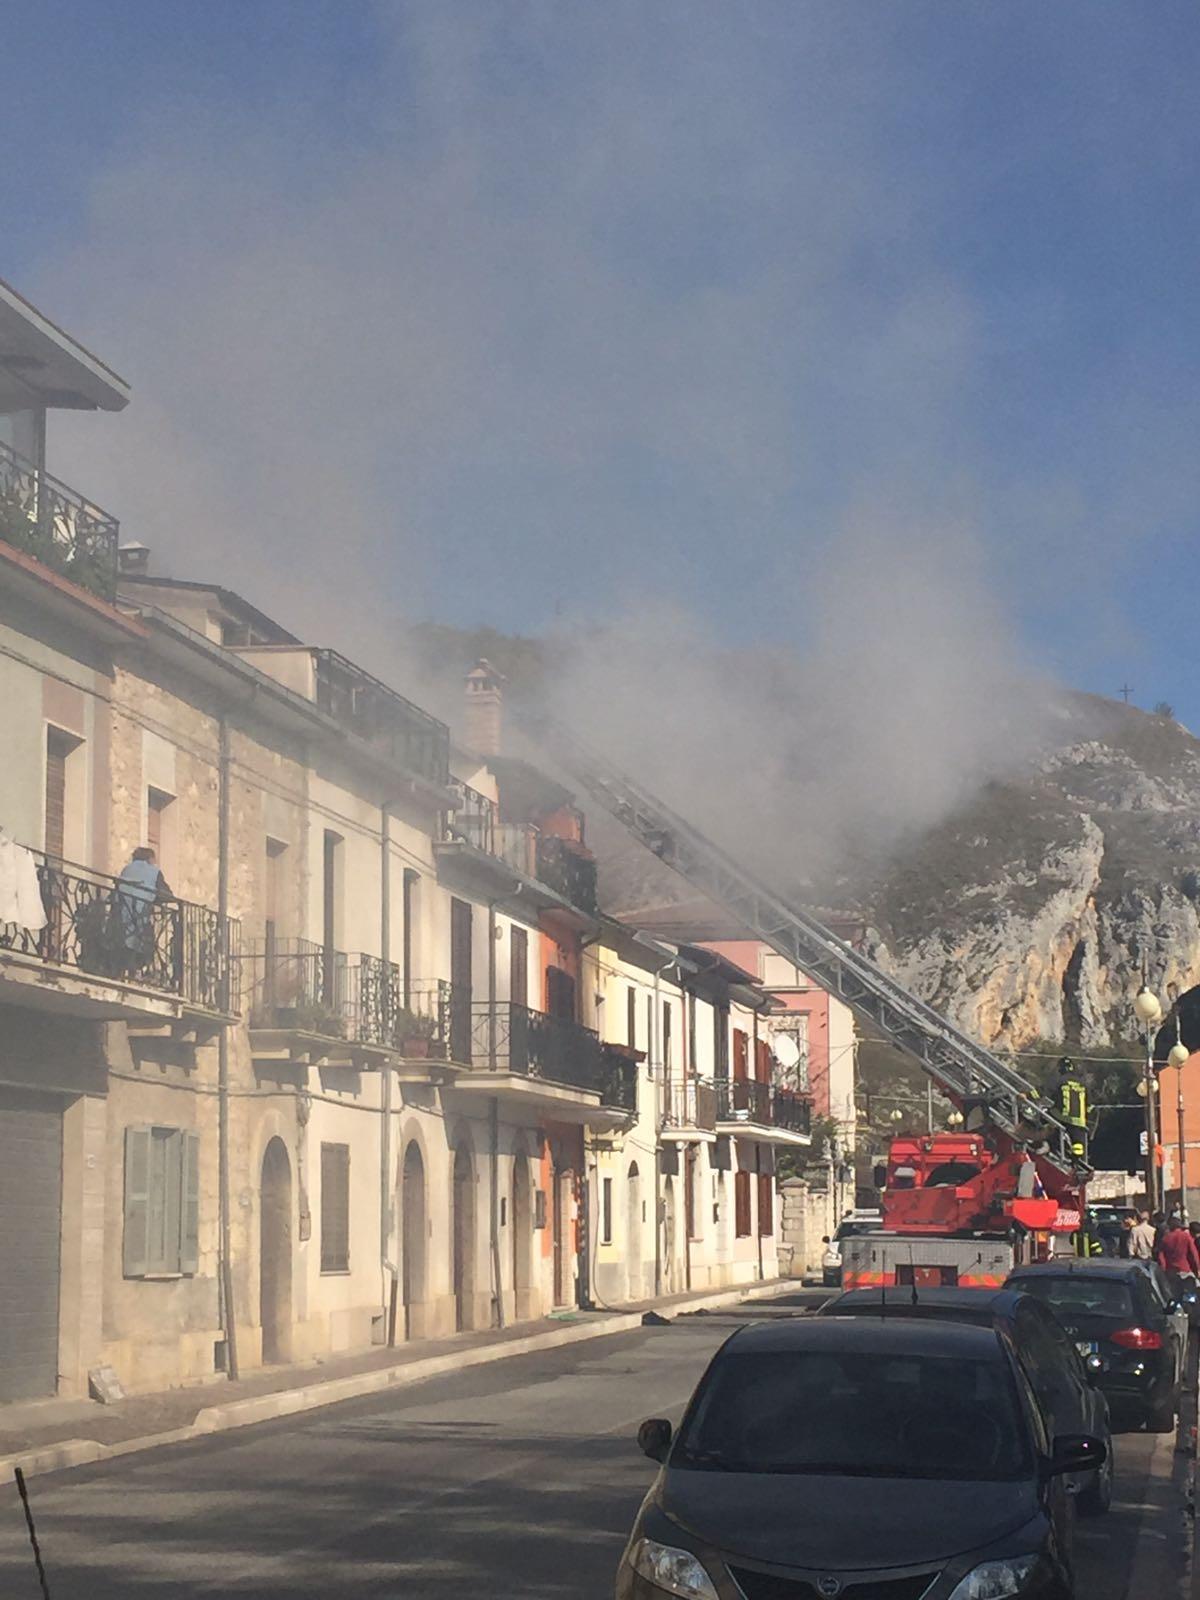 Incidente con la fiamma ossidrica, brucia un tetto a Pescina